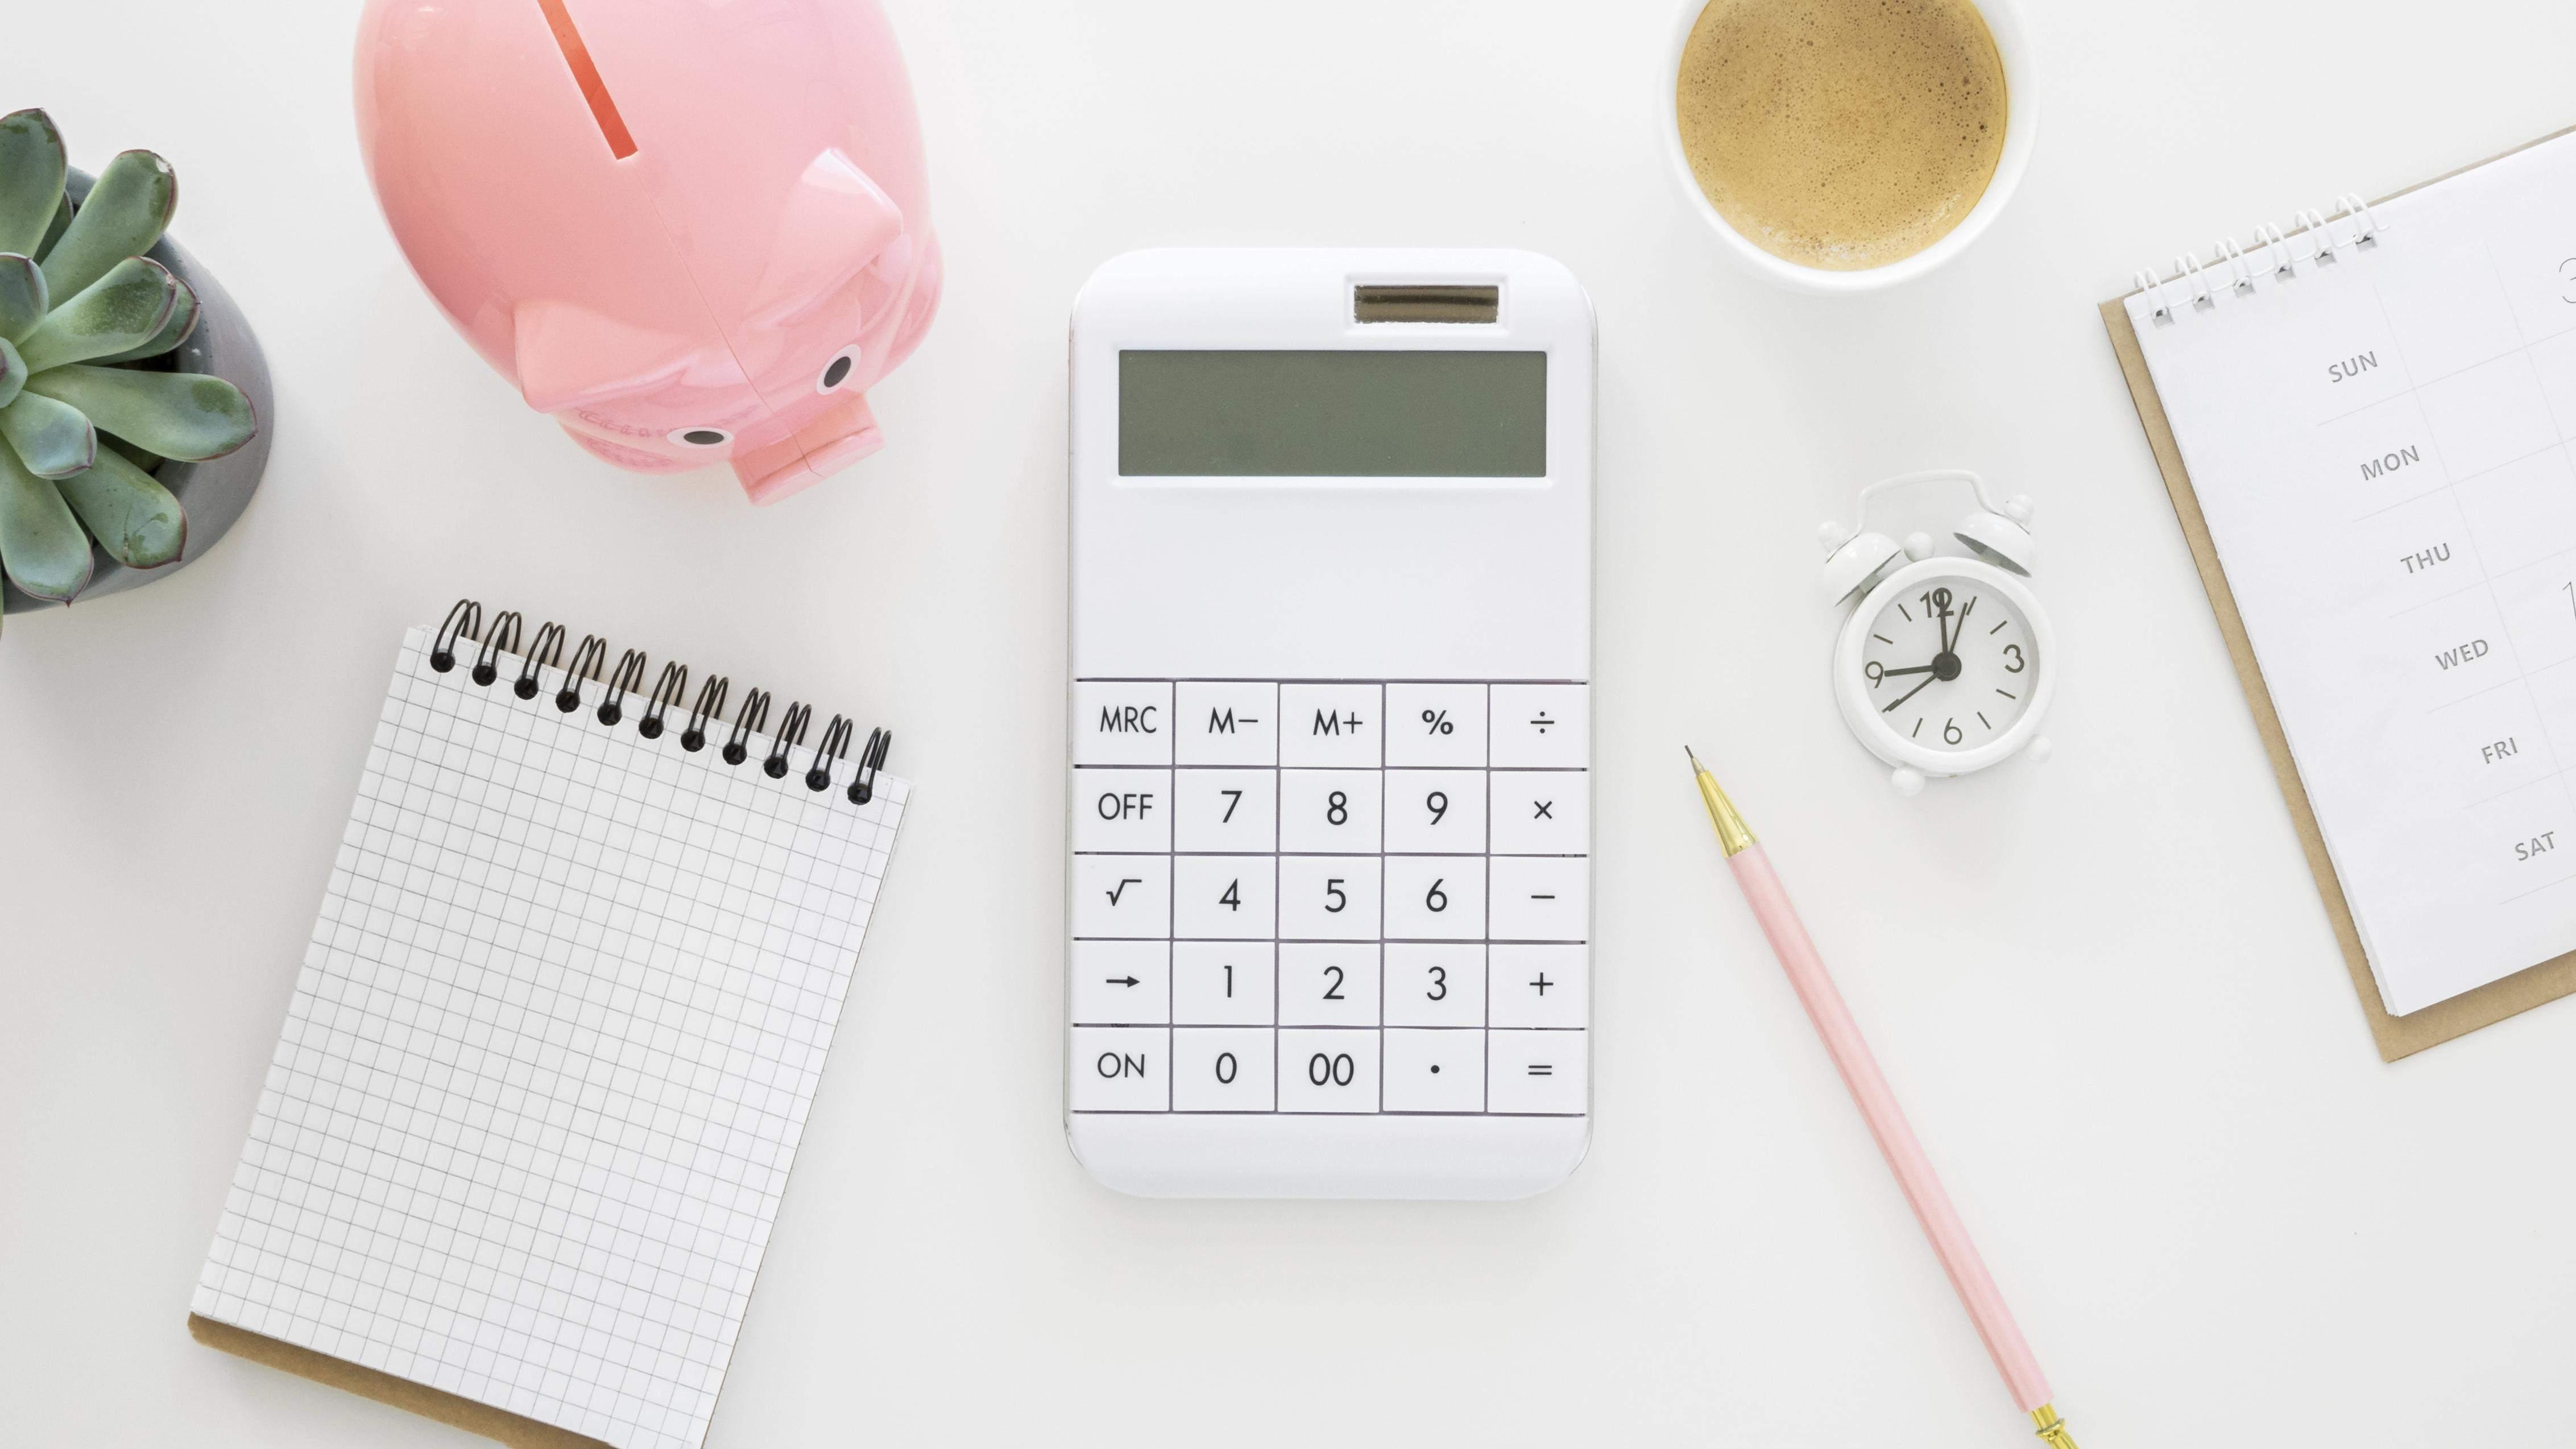 Phân tích nhu cầu và khả năng tài chính của mình